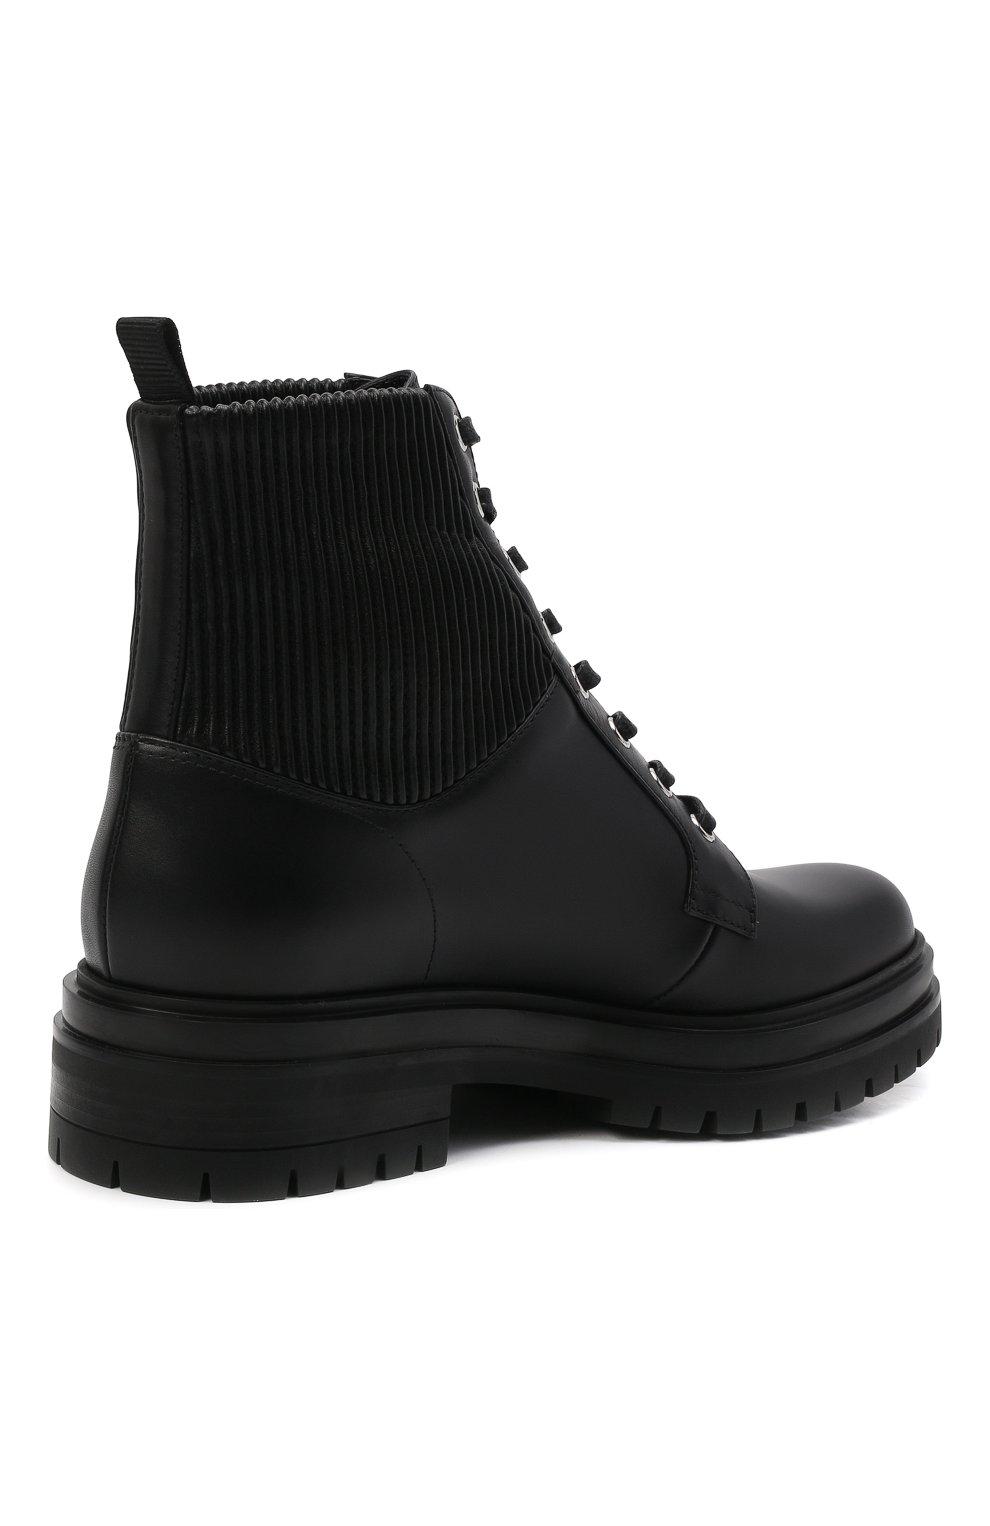 Женские кожаные ботинки GIANVITO ROSSI черного цвета, арт. G73884.20CU0.CE0NENE | Фото 5